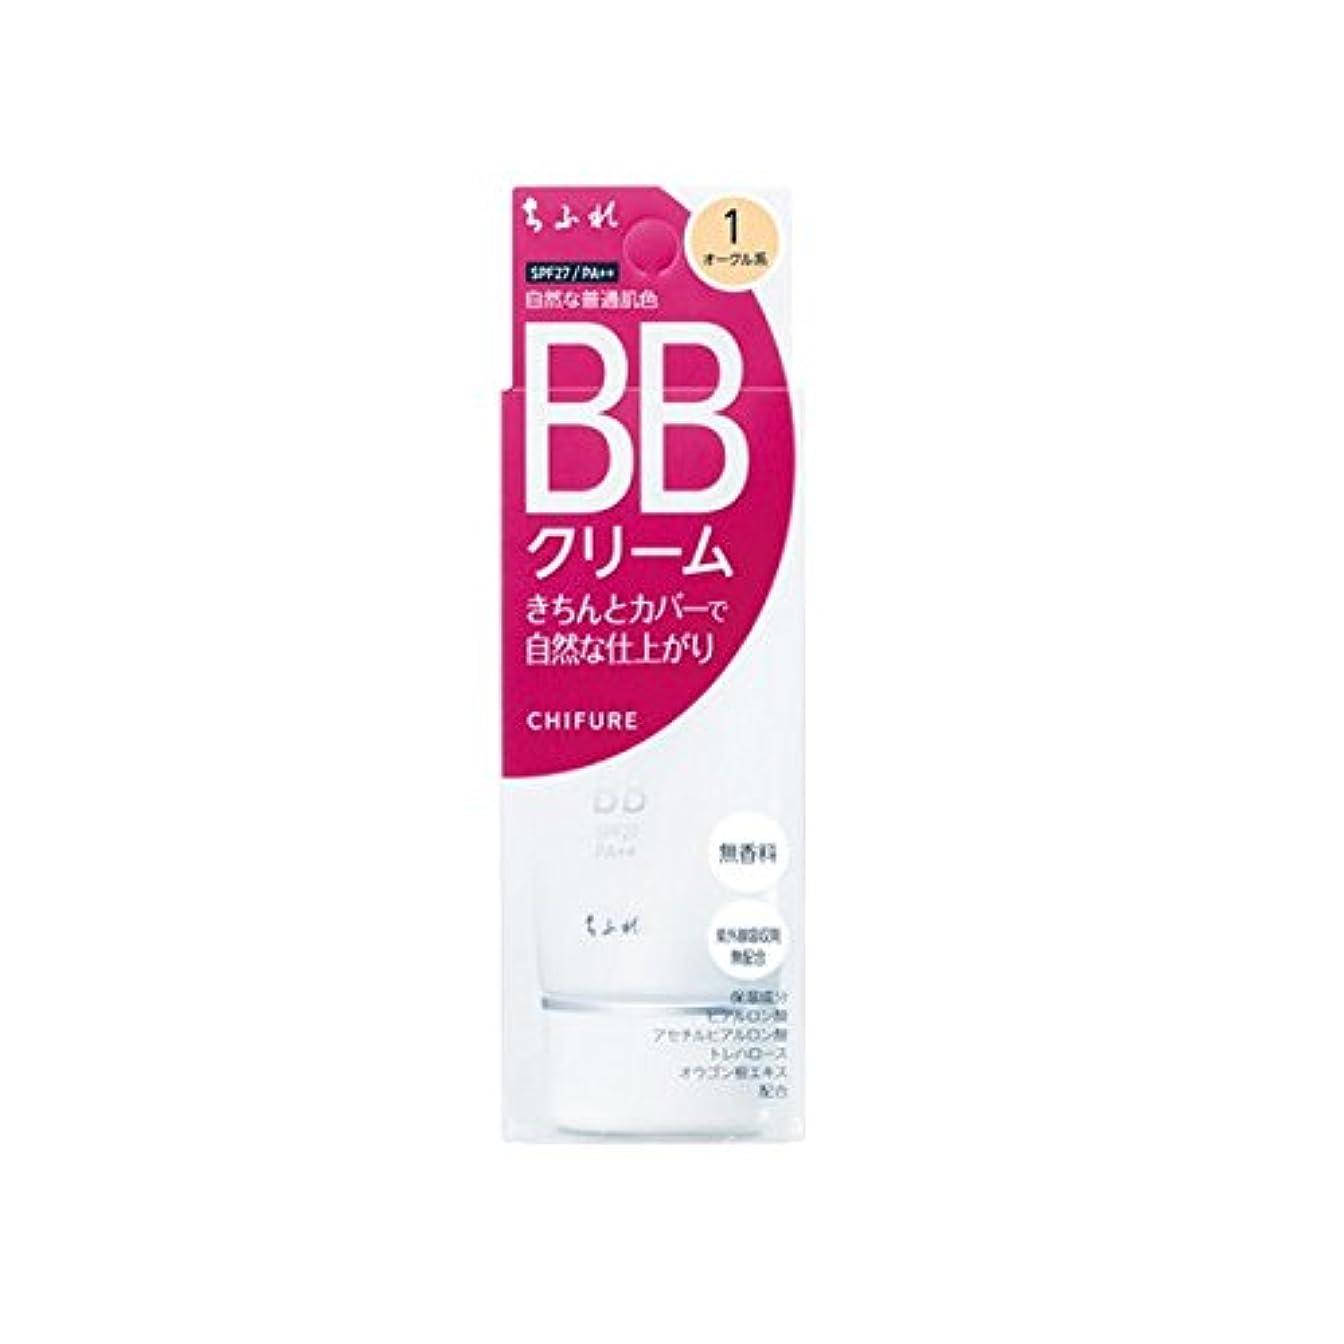 ますますシャイニング毒液ちふれ化粧品 BB クリーム 1 自然な普通肌色 BBクリーム 1